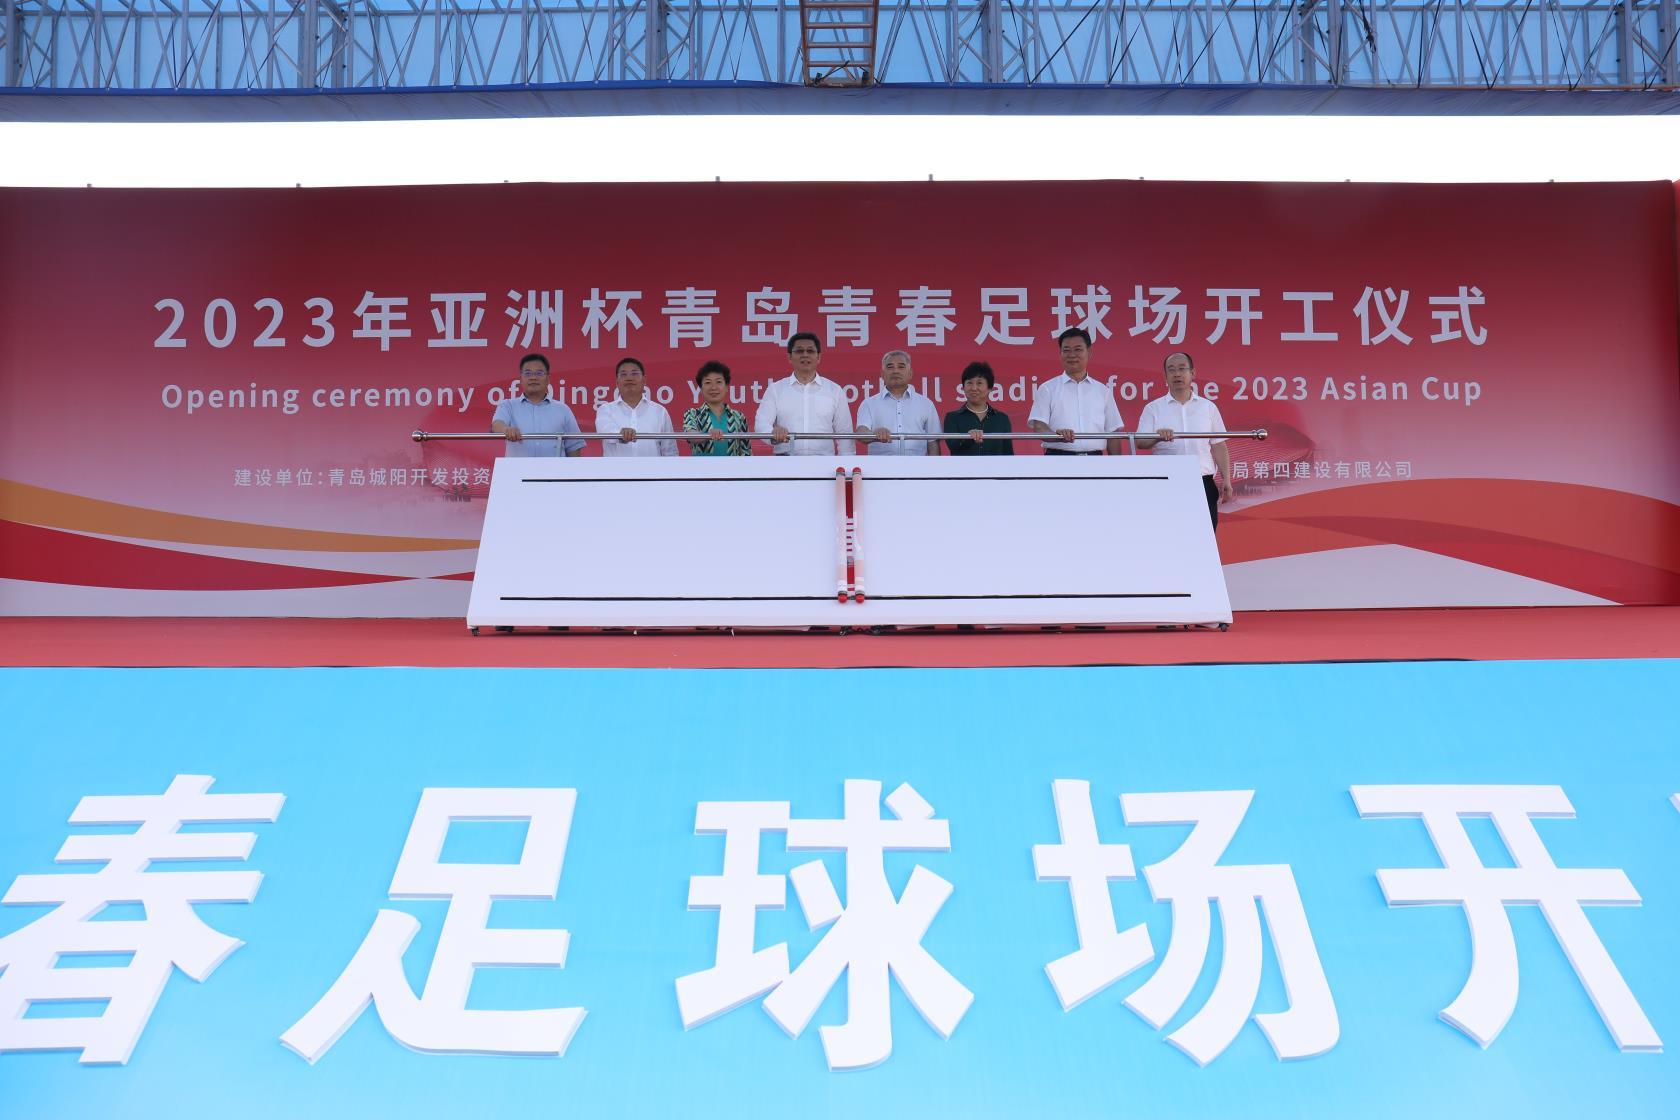 2023年亚洲杯青岛青春足球场开工!公园化体育综合体落地城阳